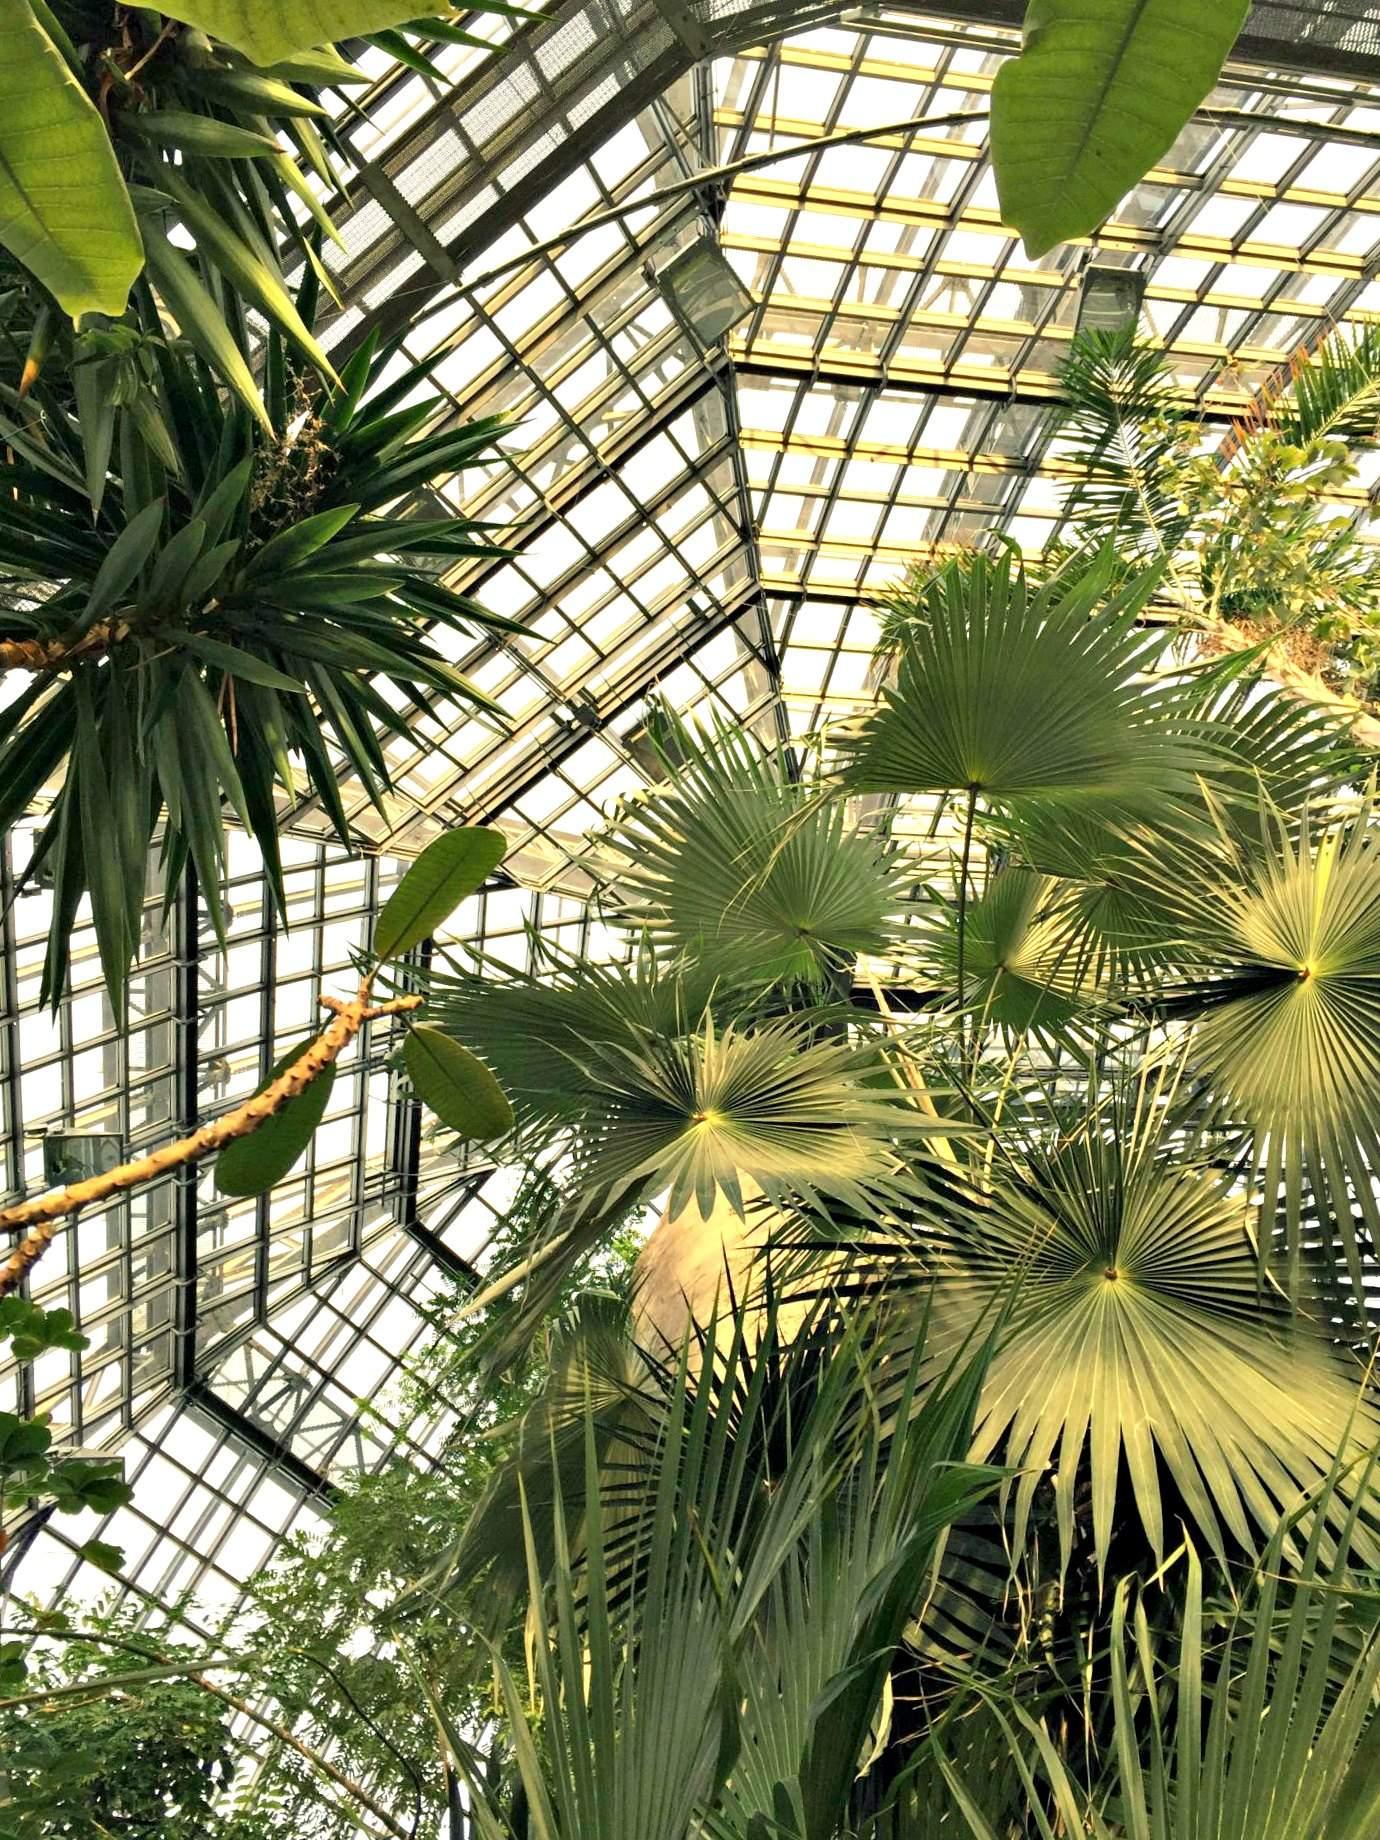 Botanischer Garten Berlin Reizend Botanischer Garten Berlin Dahlem